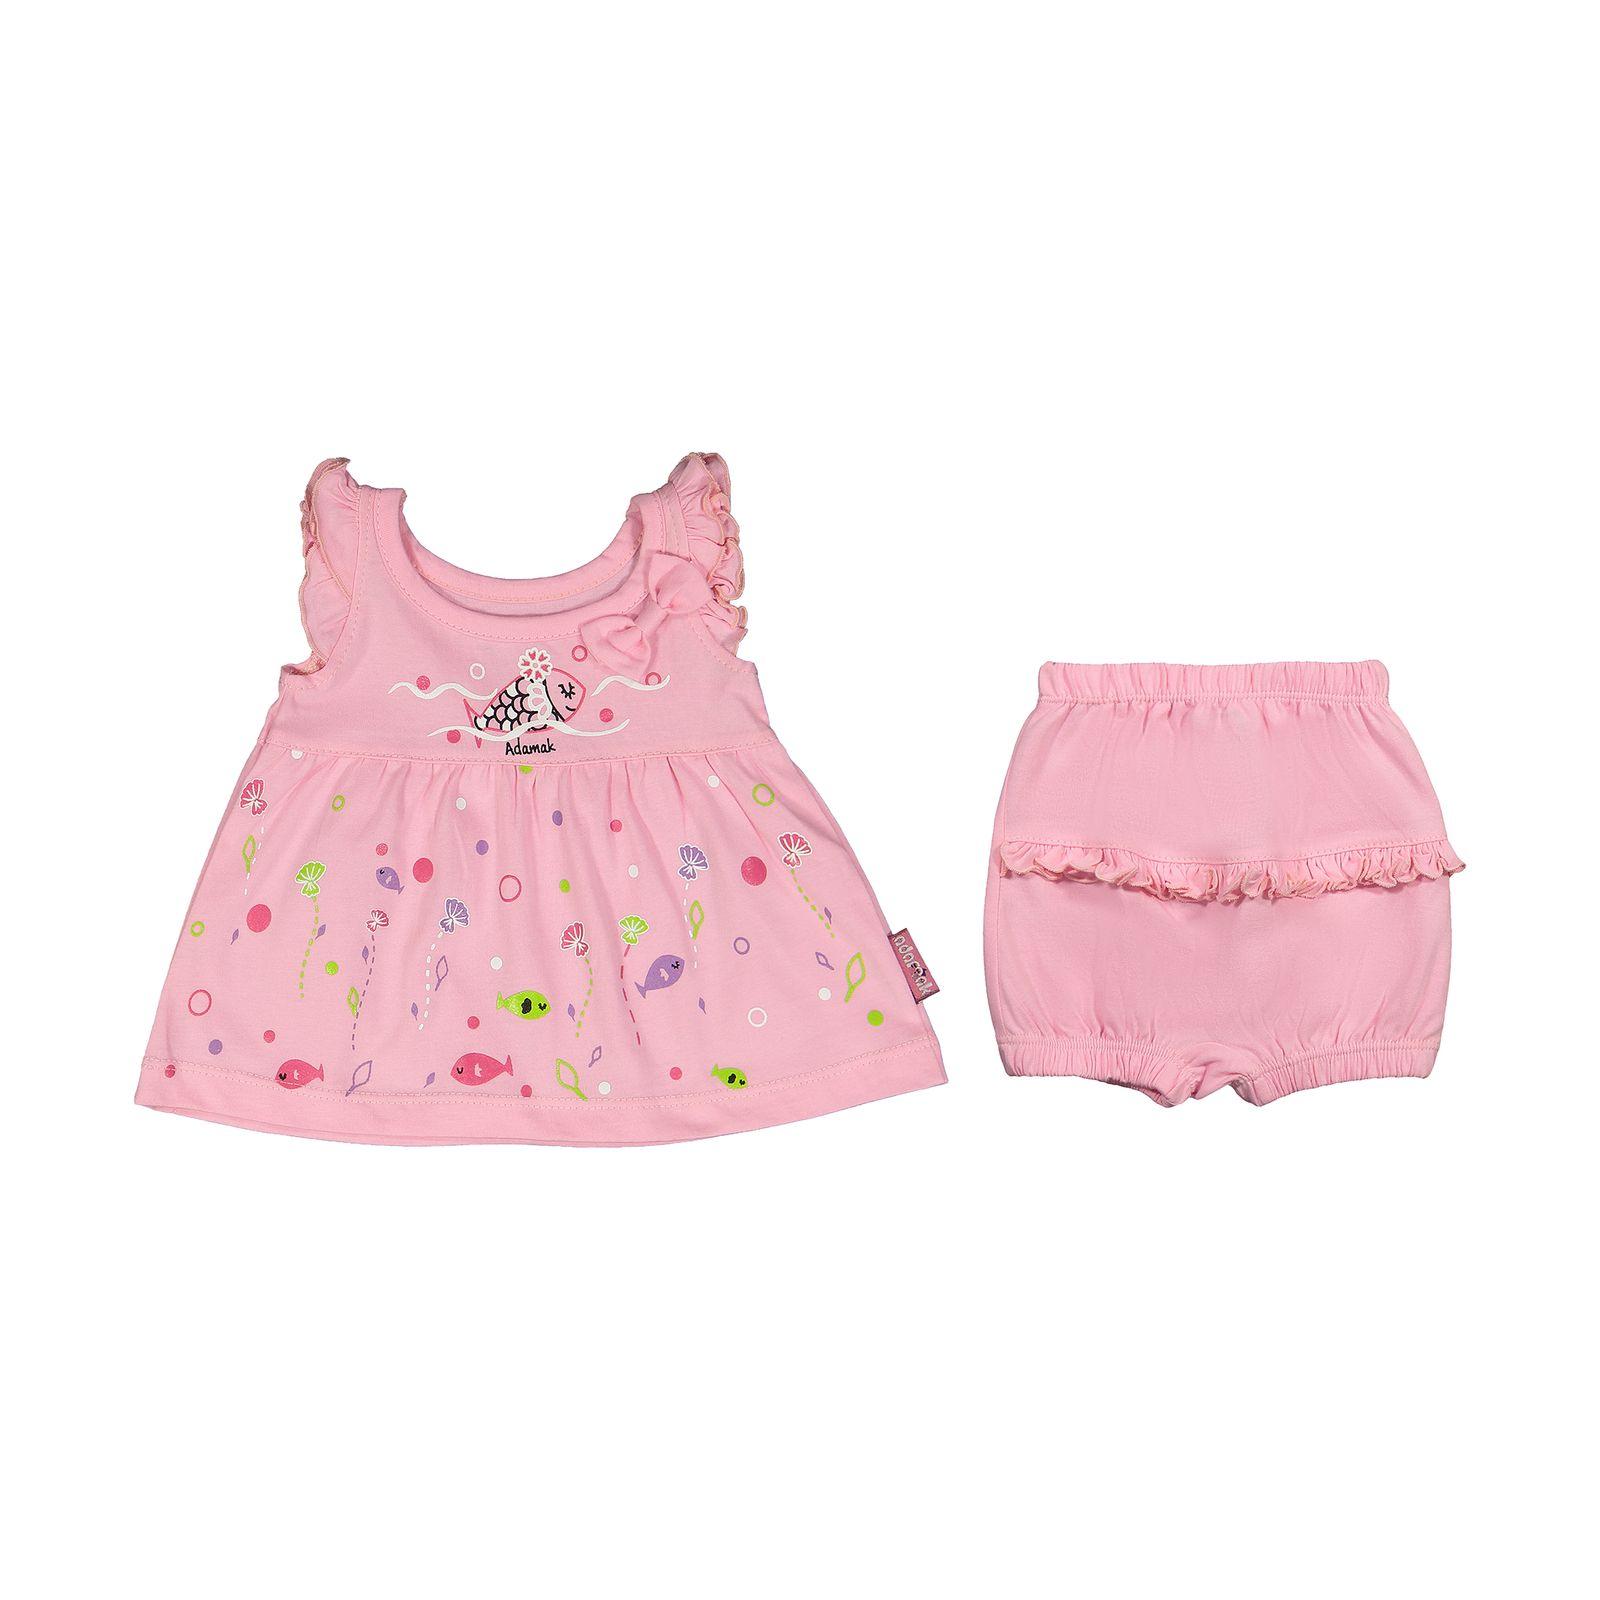 ست پیراهن و شورت نوزادی دخترانه مدل 2171111-84 -  - 2